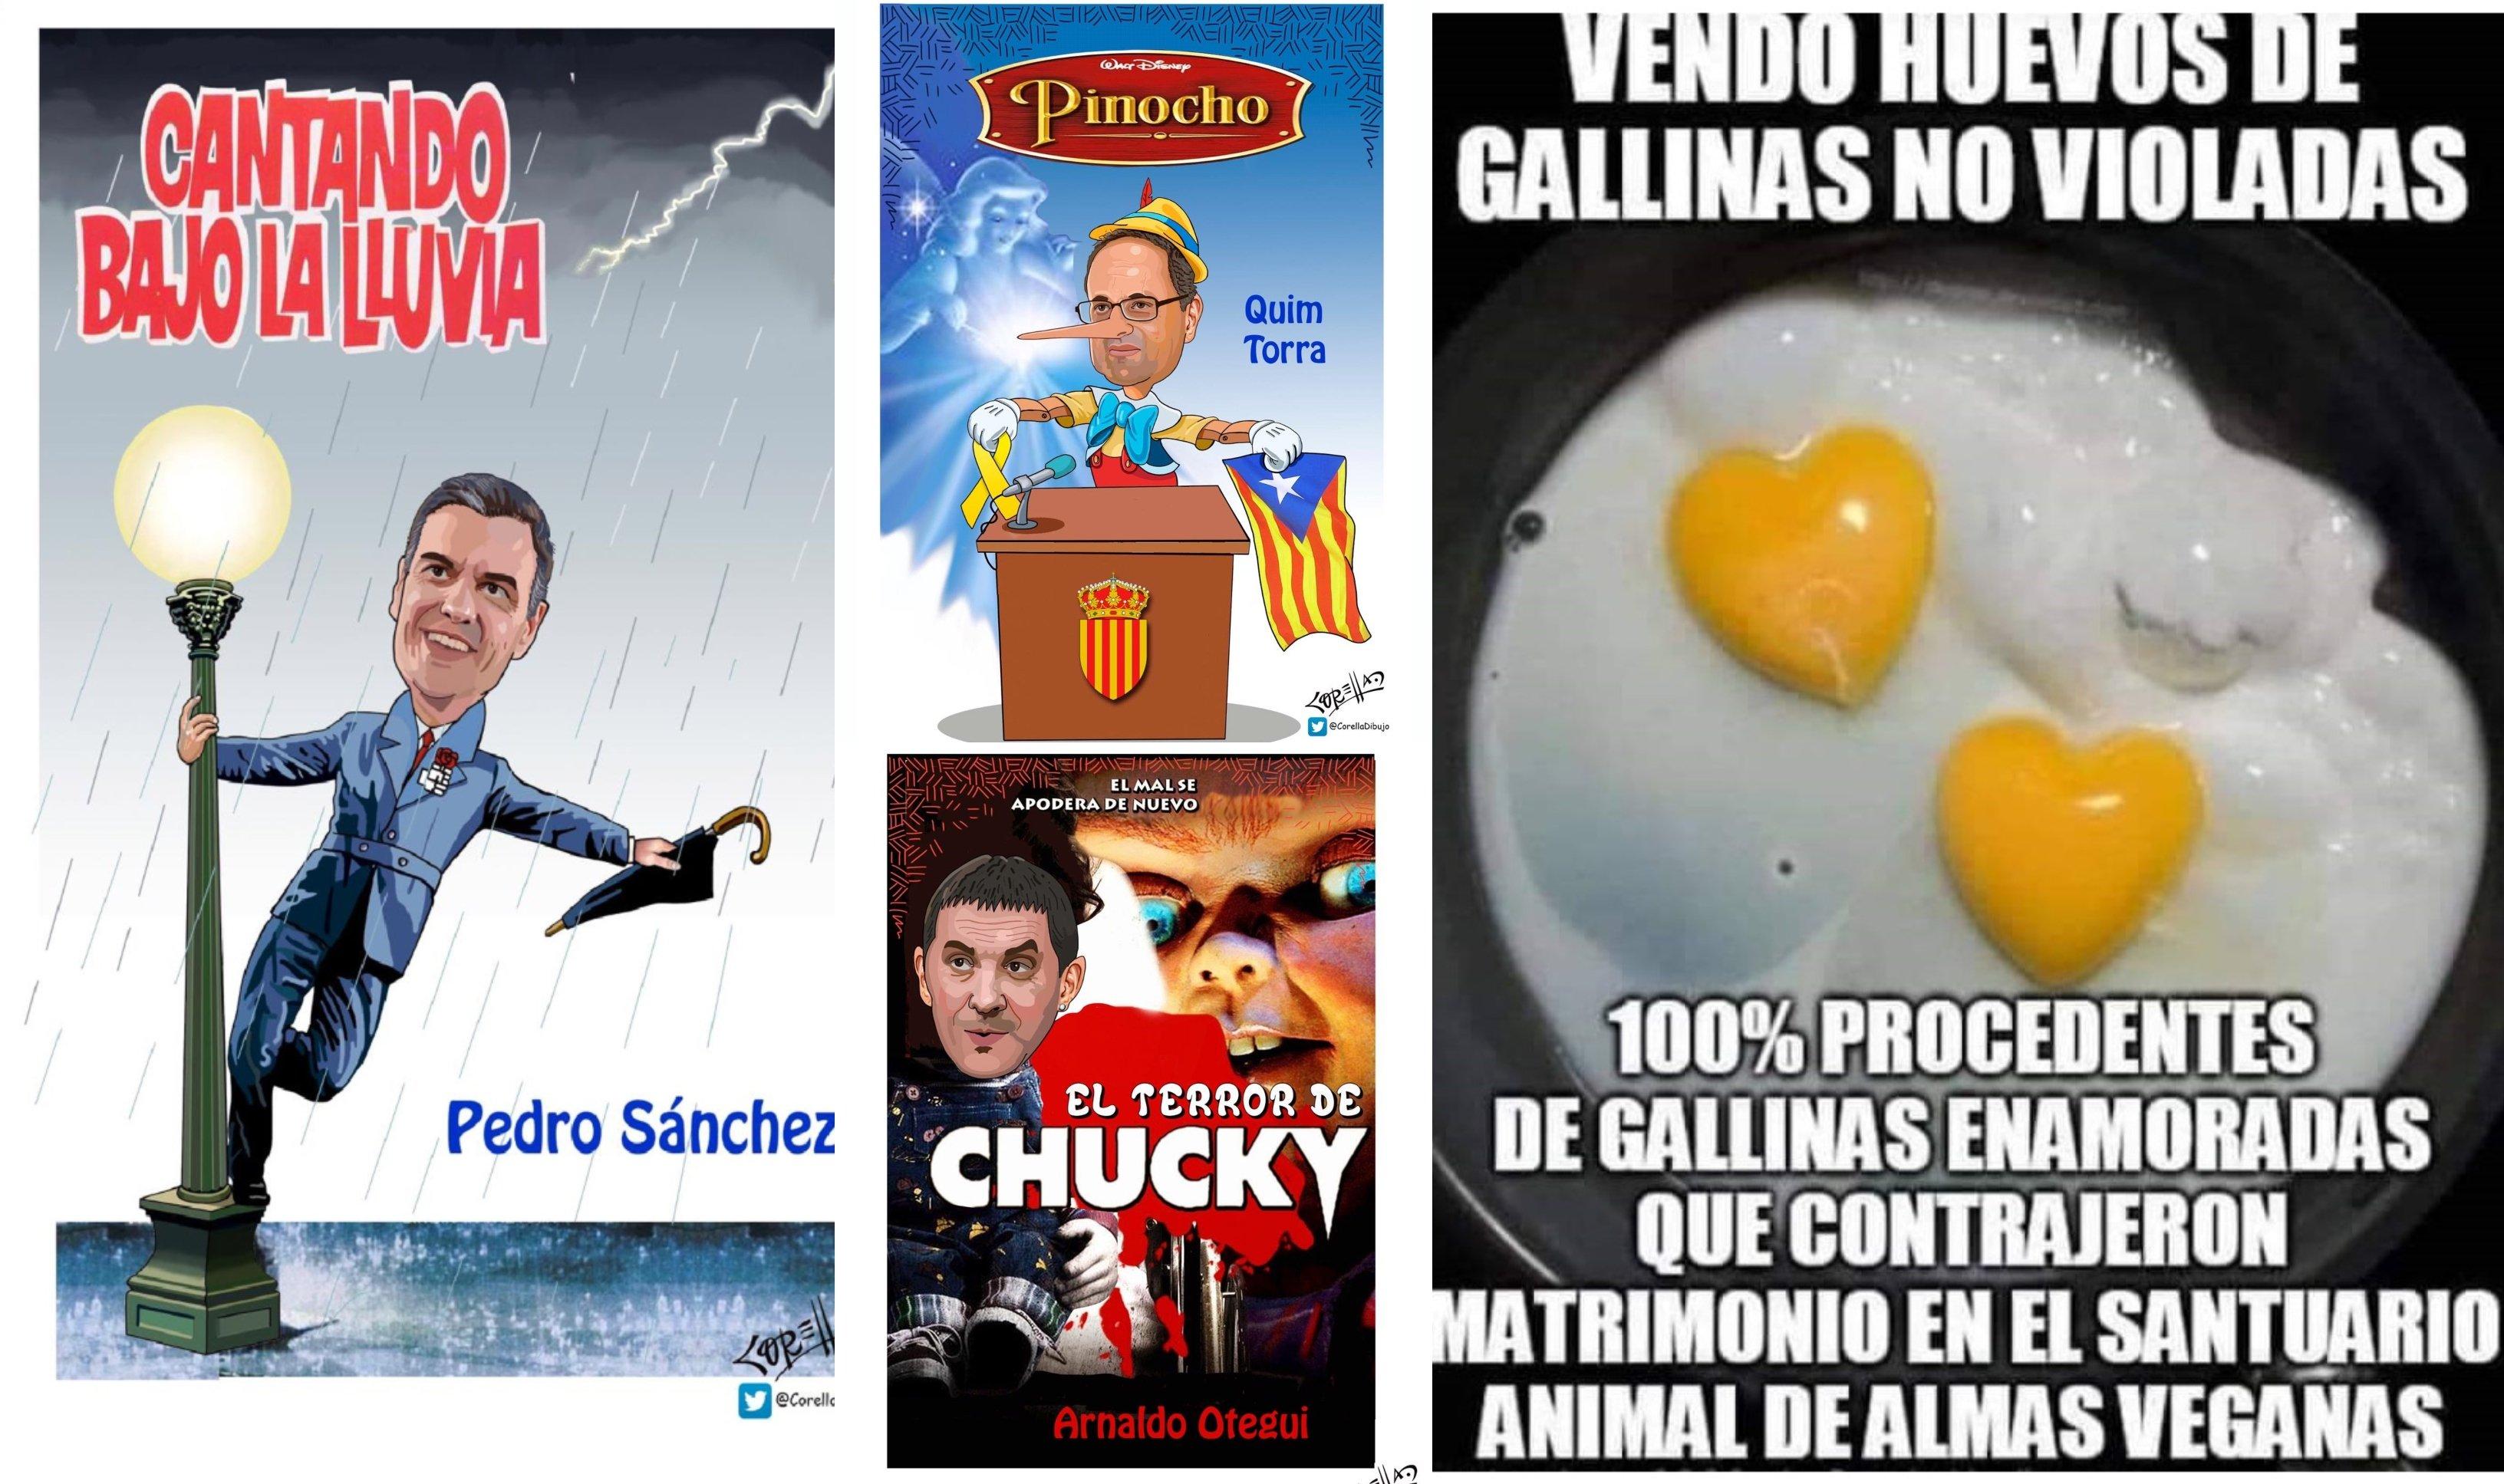 España en memes